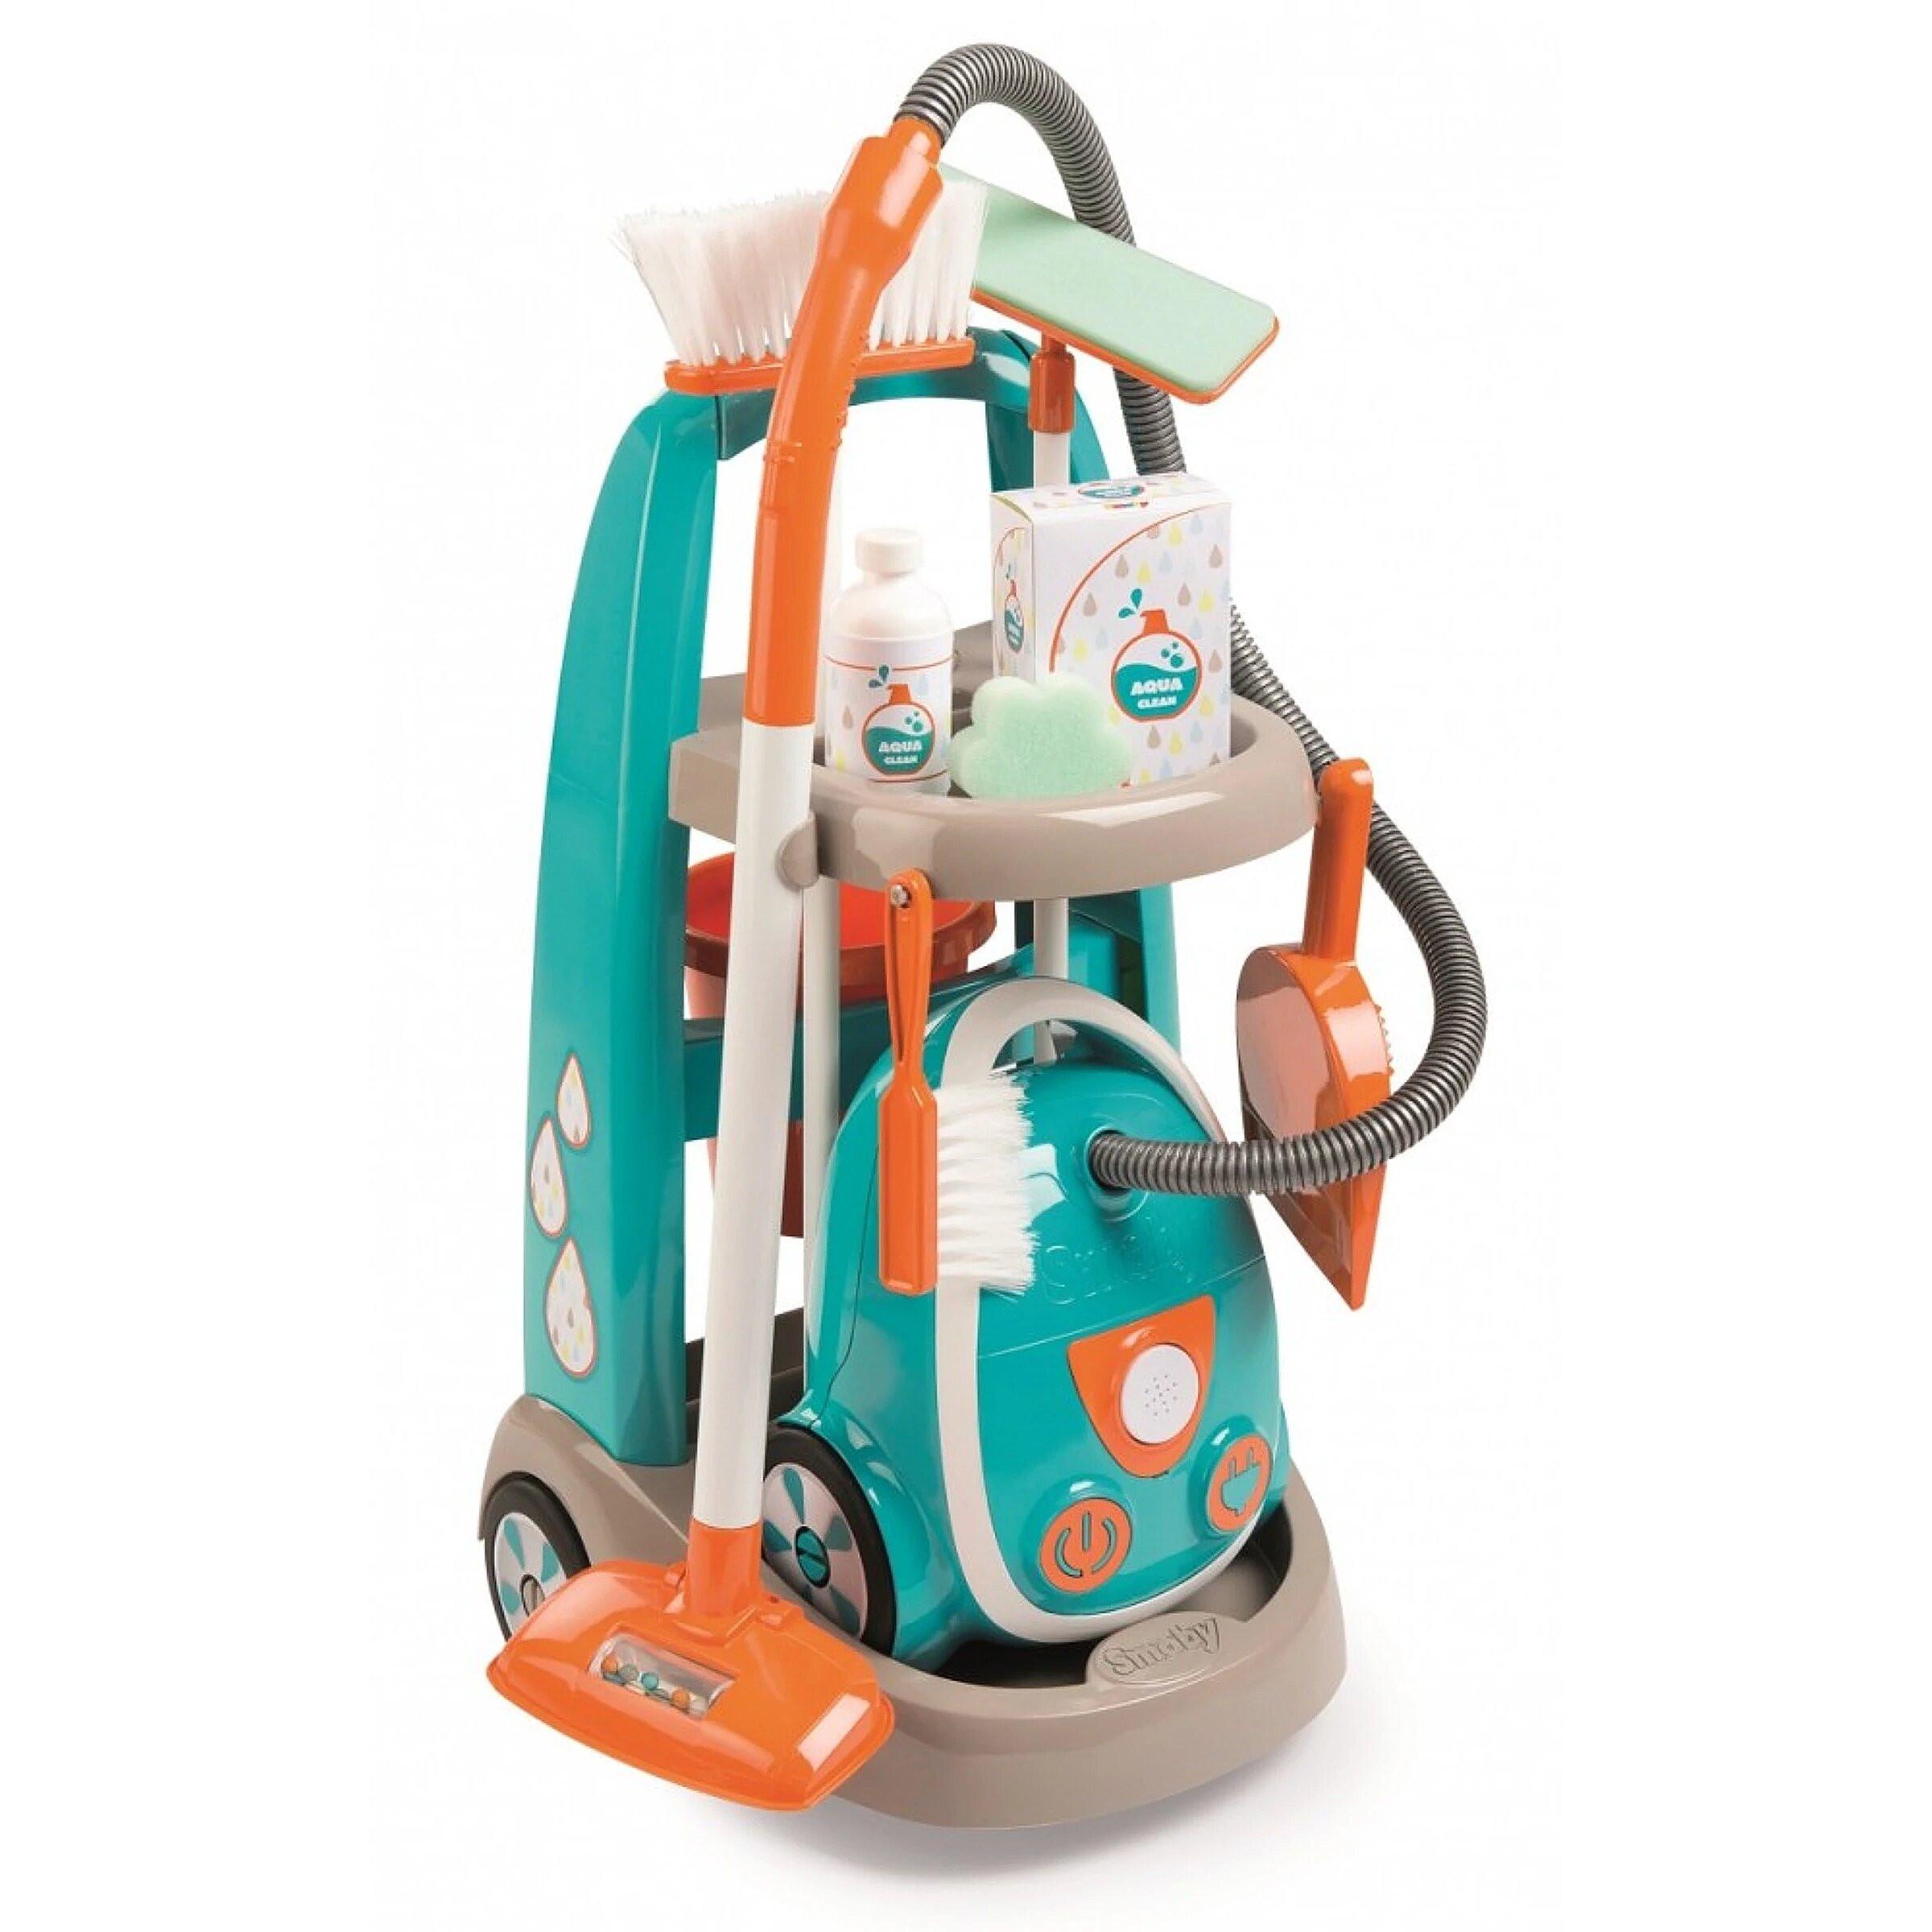 Smoby - Carro de limpieza con aspiradora